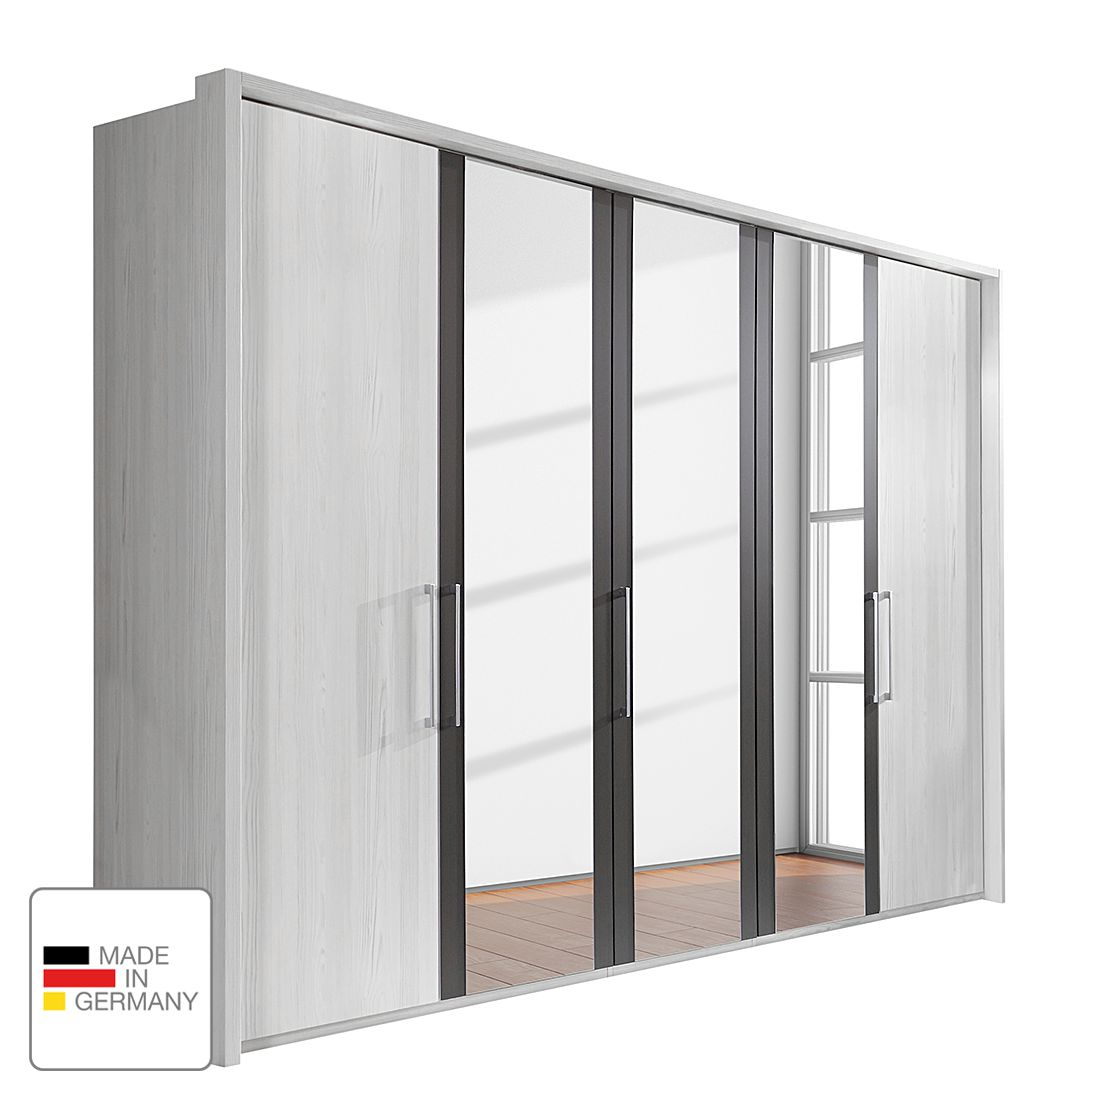 Drehtürenschrank Lissabon - Polar Lärche Dekor/Havanna - 400 cm (8-türig) - 4 Spiegeltüren - Mit Passepartoutrahmen, Althoff